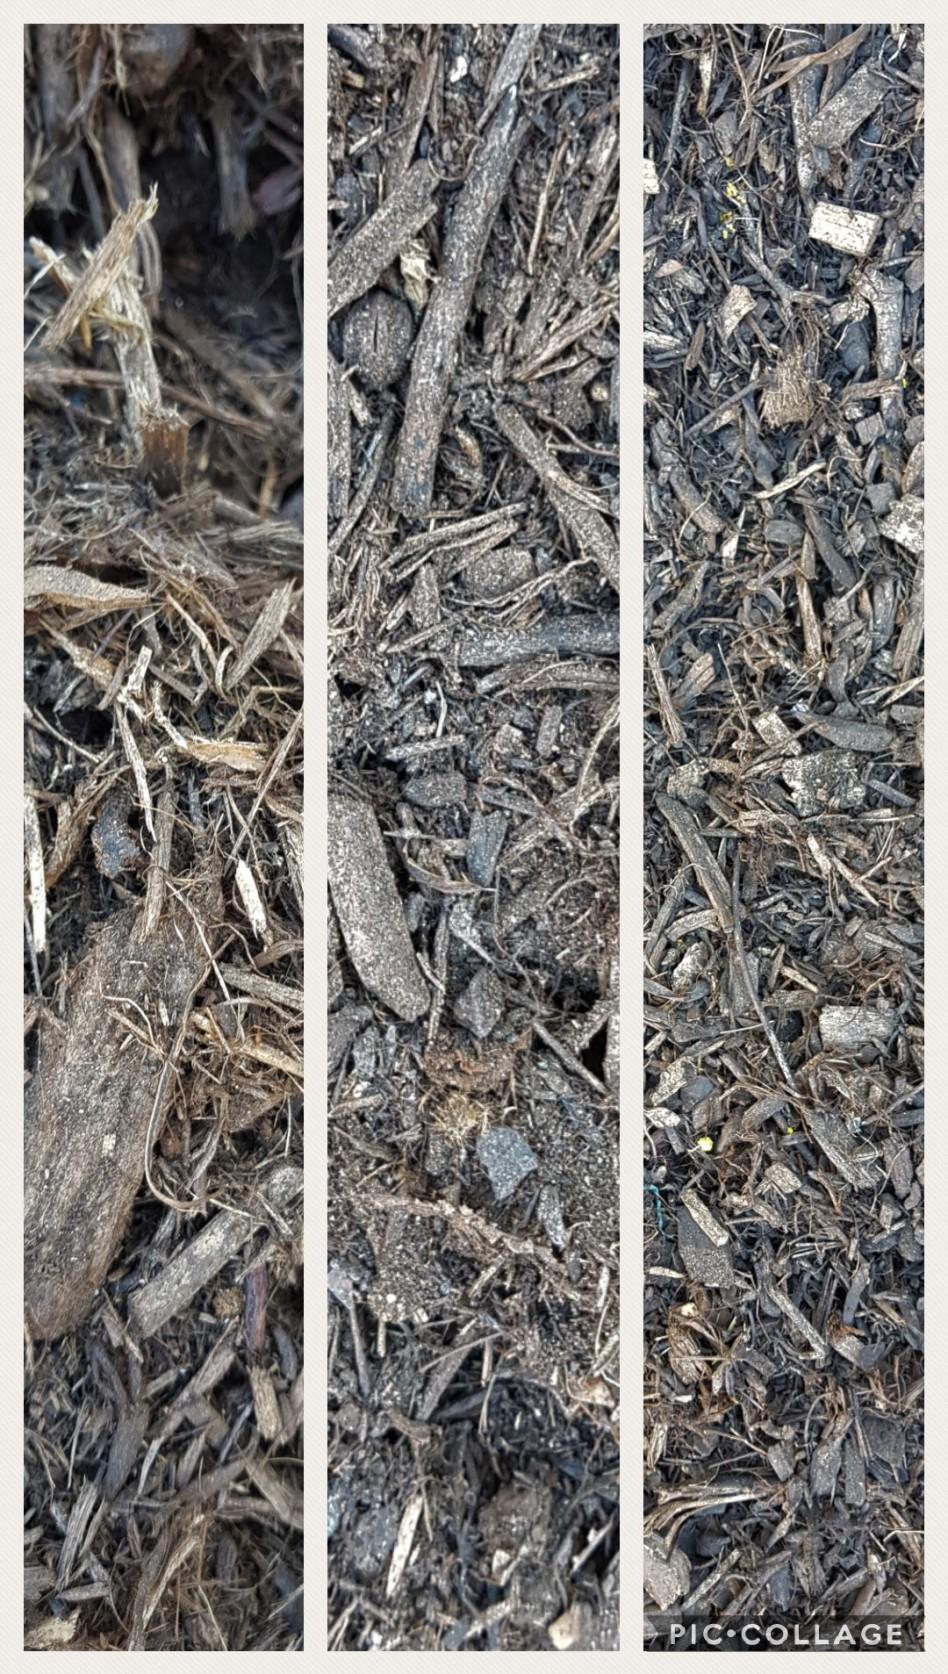 Jeffries Dura, Gardeners Choice & Forest Mulch